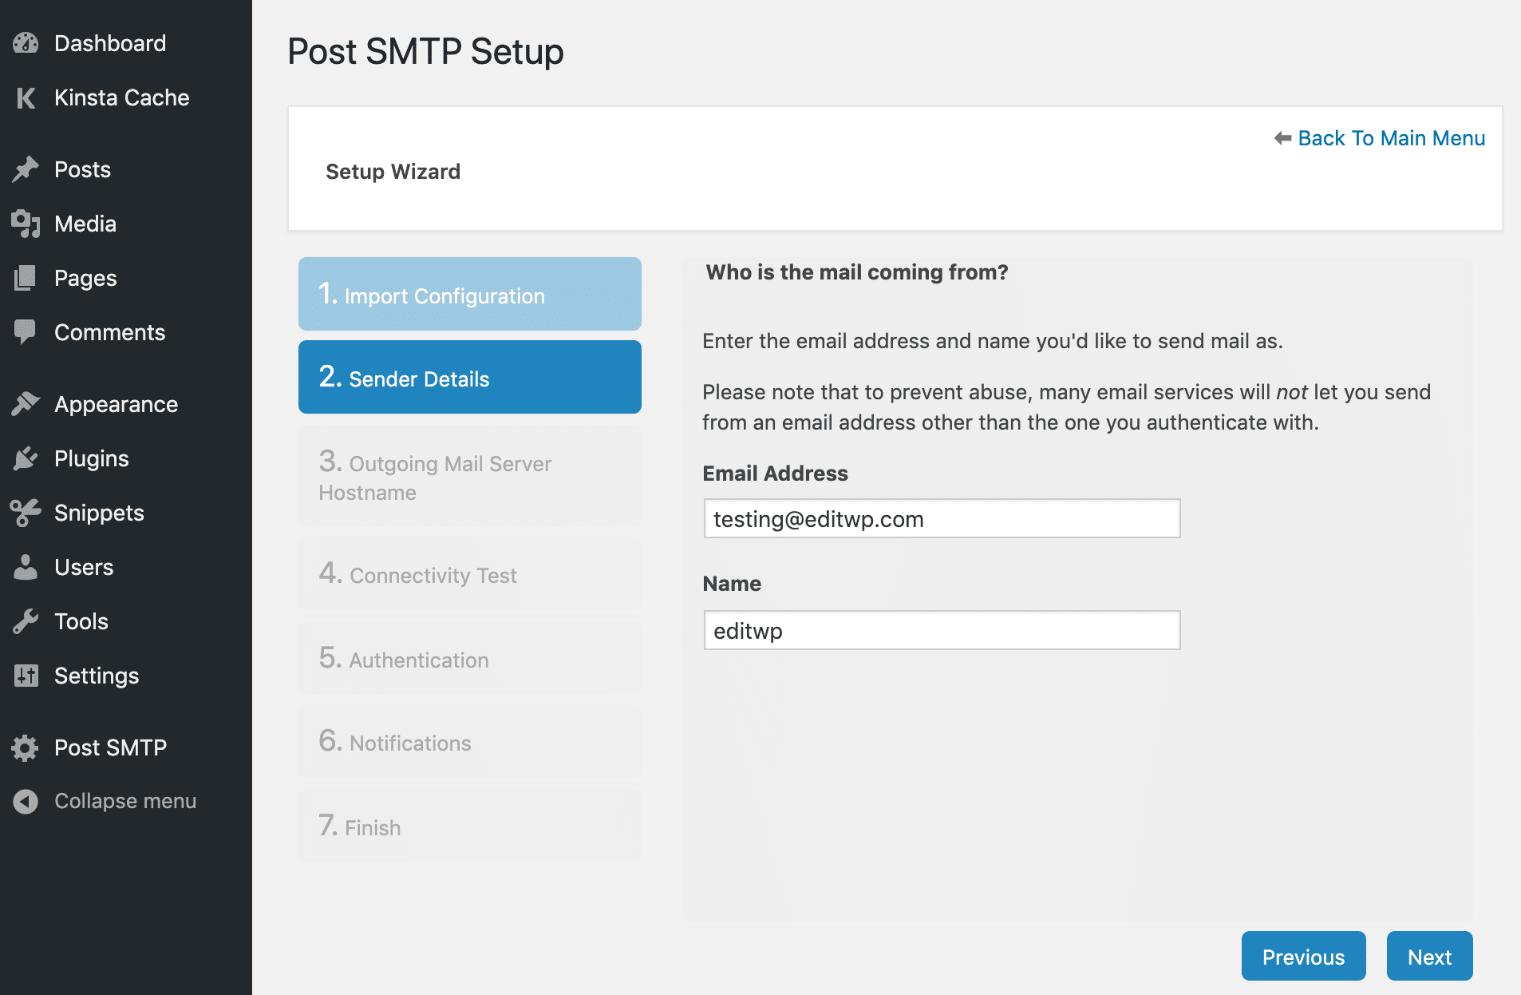 Post SMTP afzender details